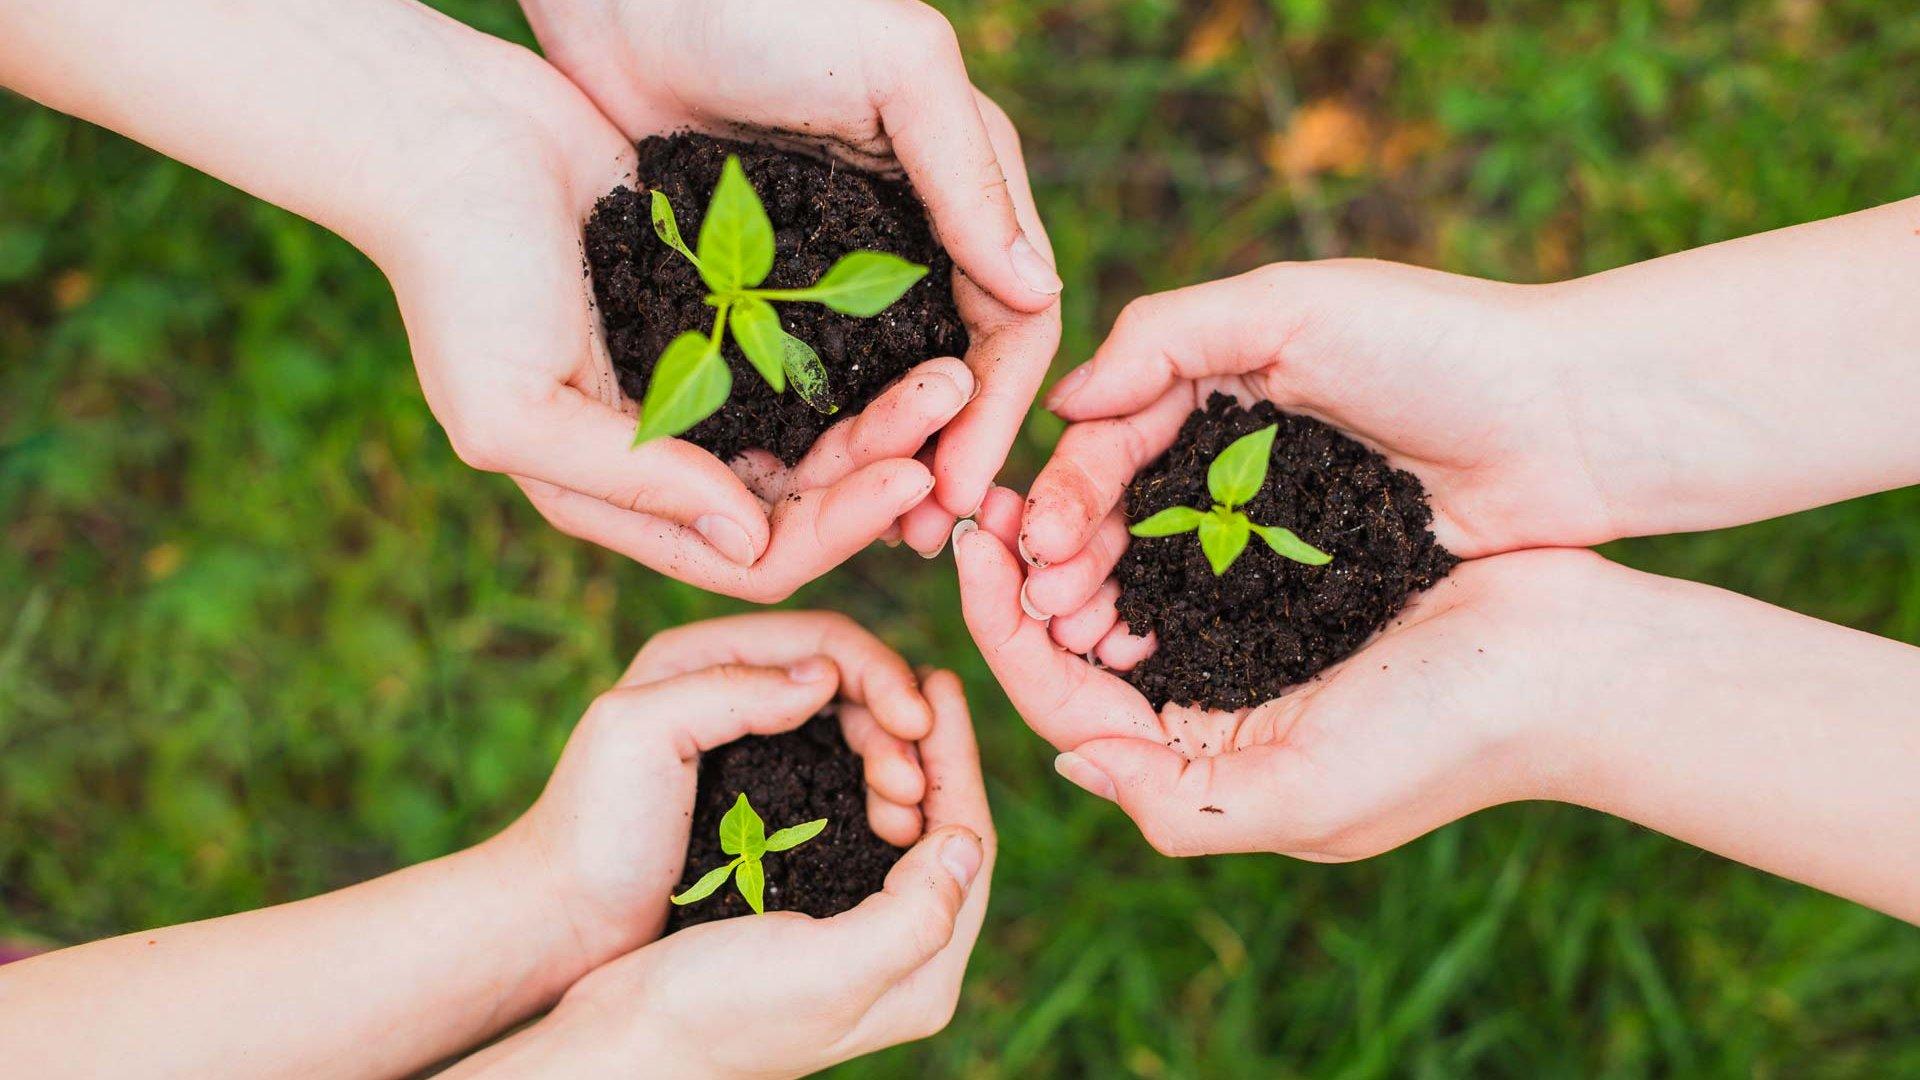 ateliers artisans du partage formations vert écologique permaculture